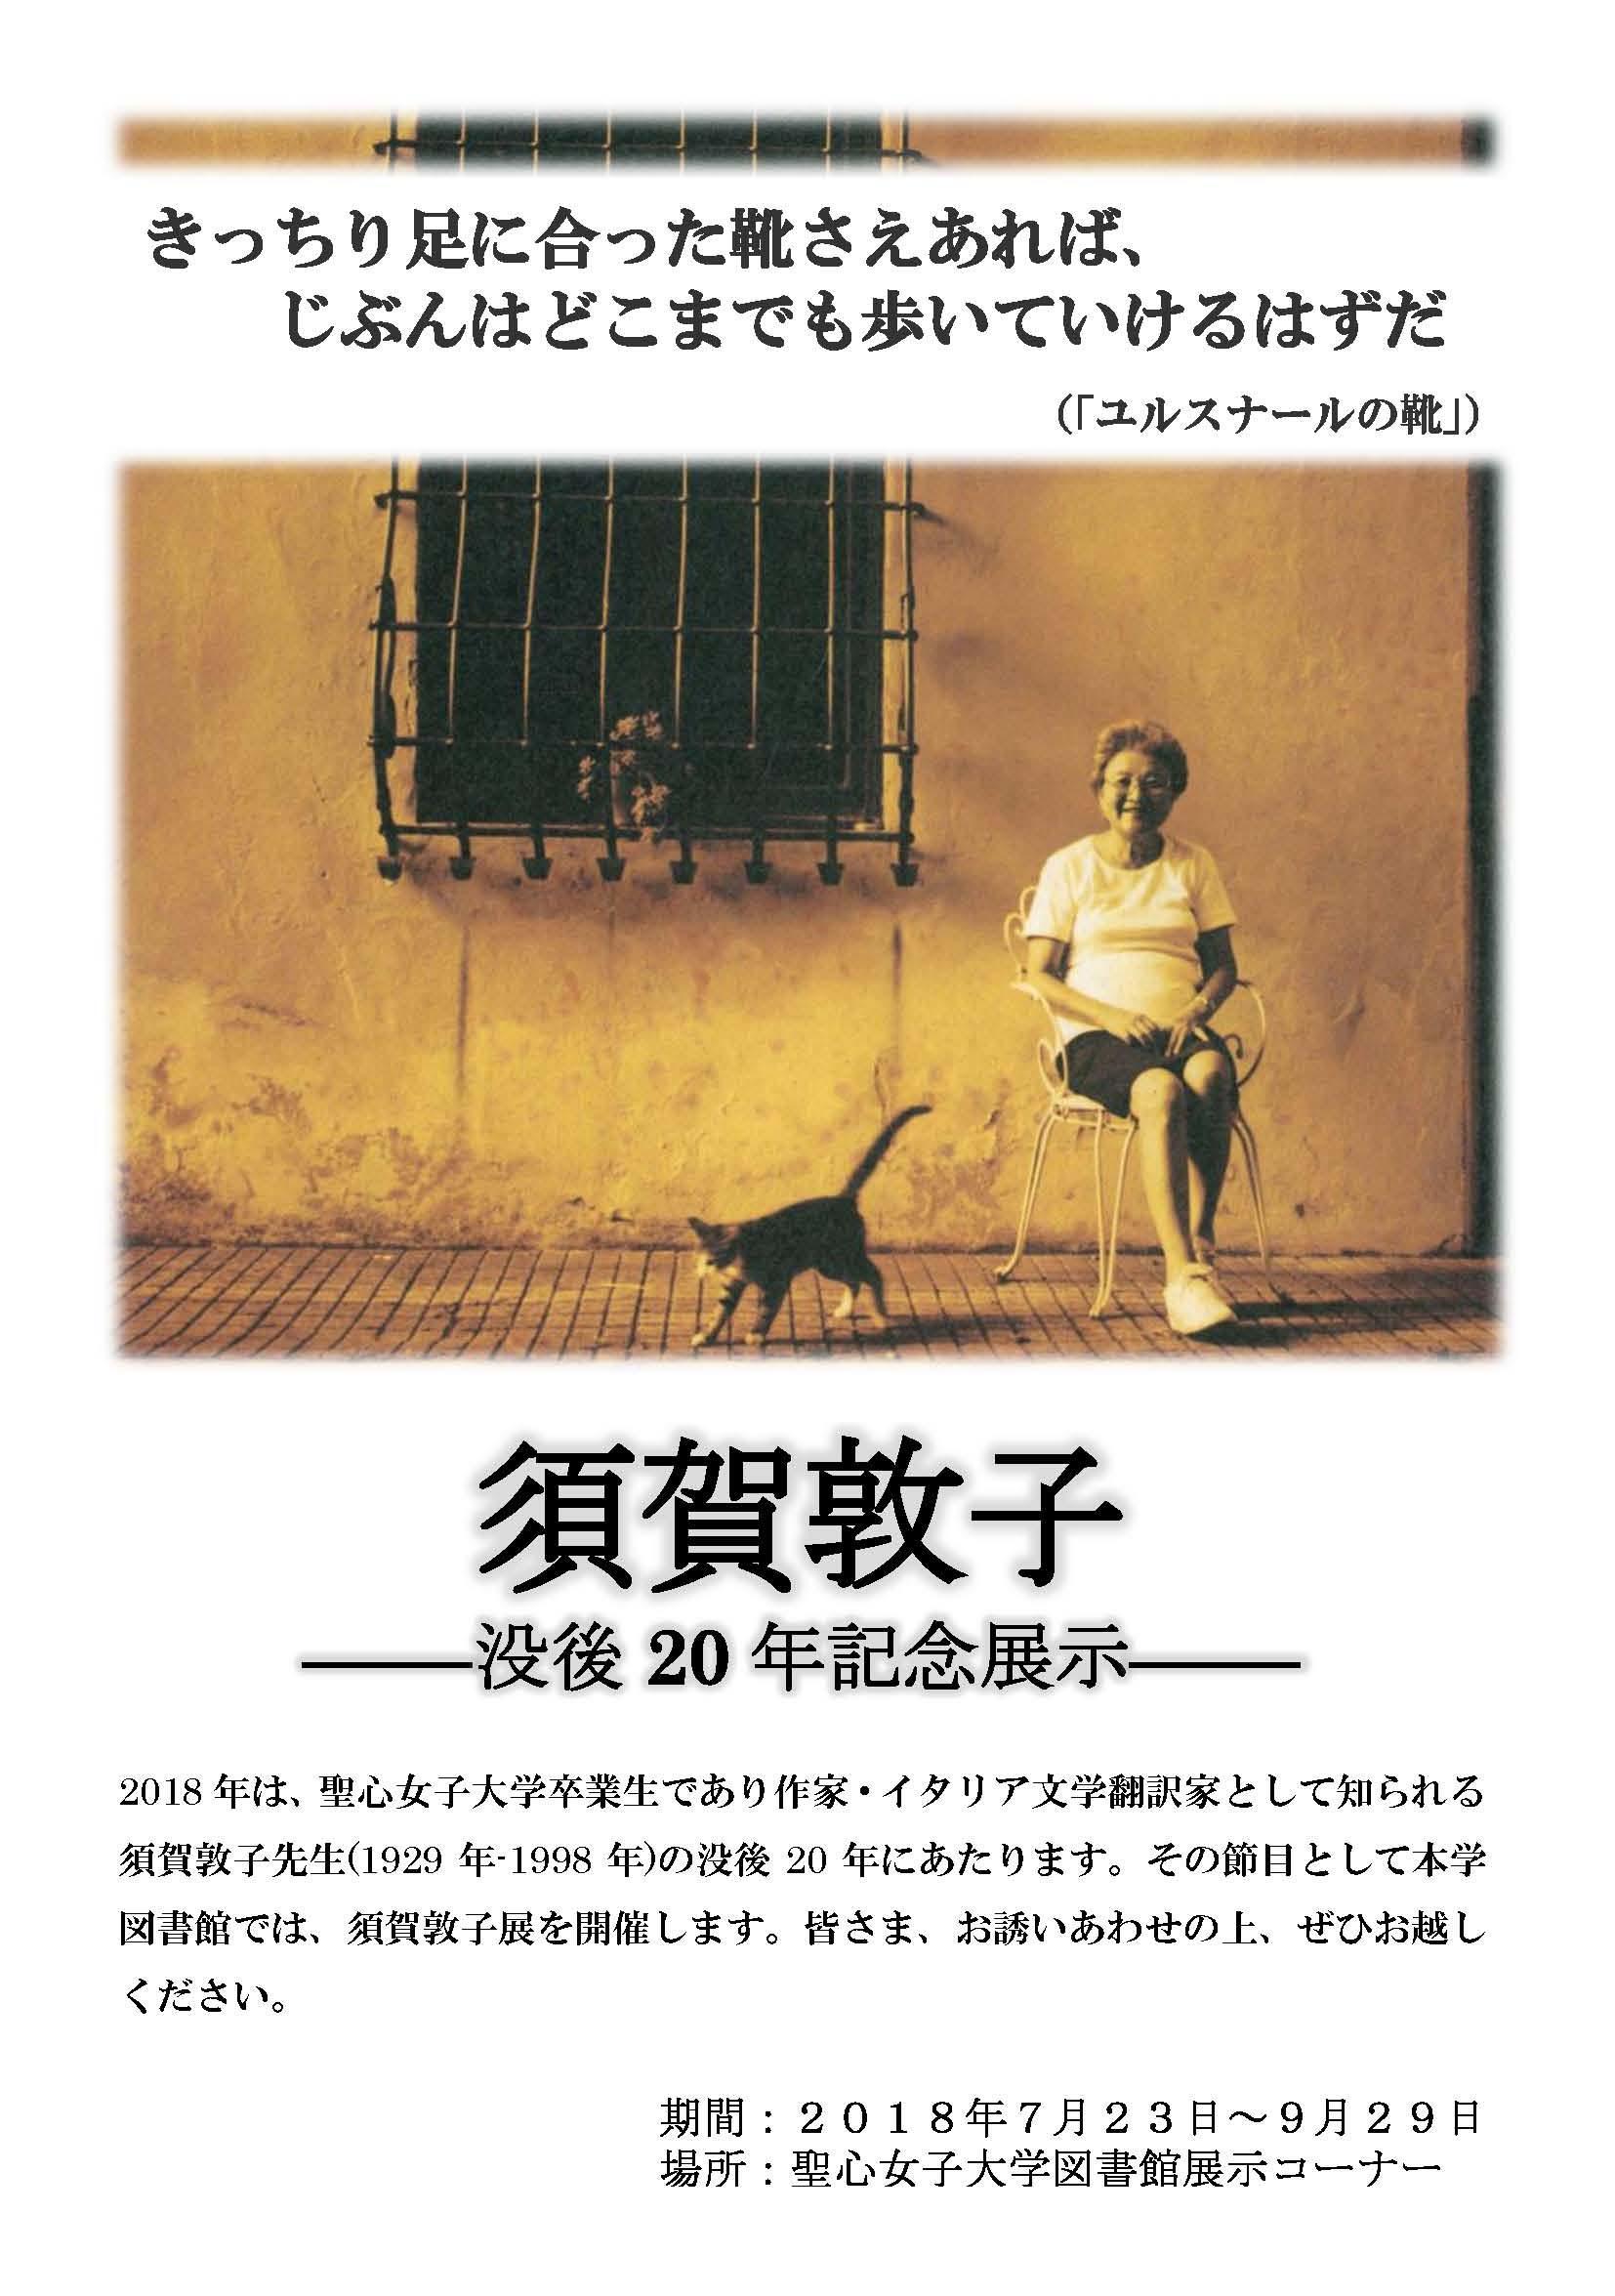 聖心女子大学図書館で「須賀敦子 -- 没後20年記念展示 -- 」を開催(9月29日まで)